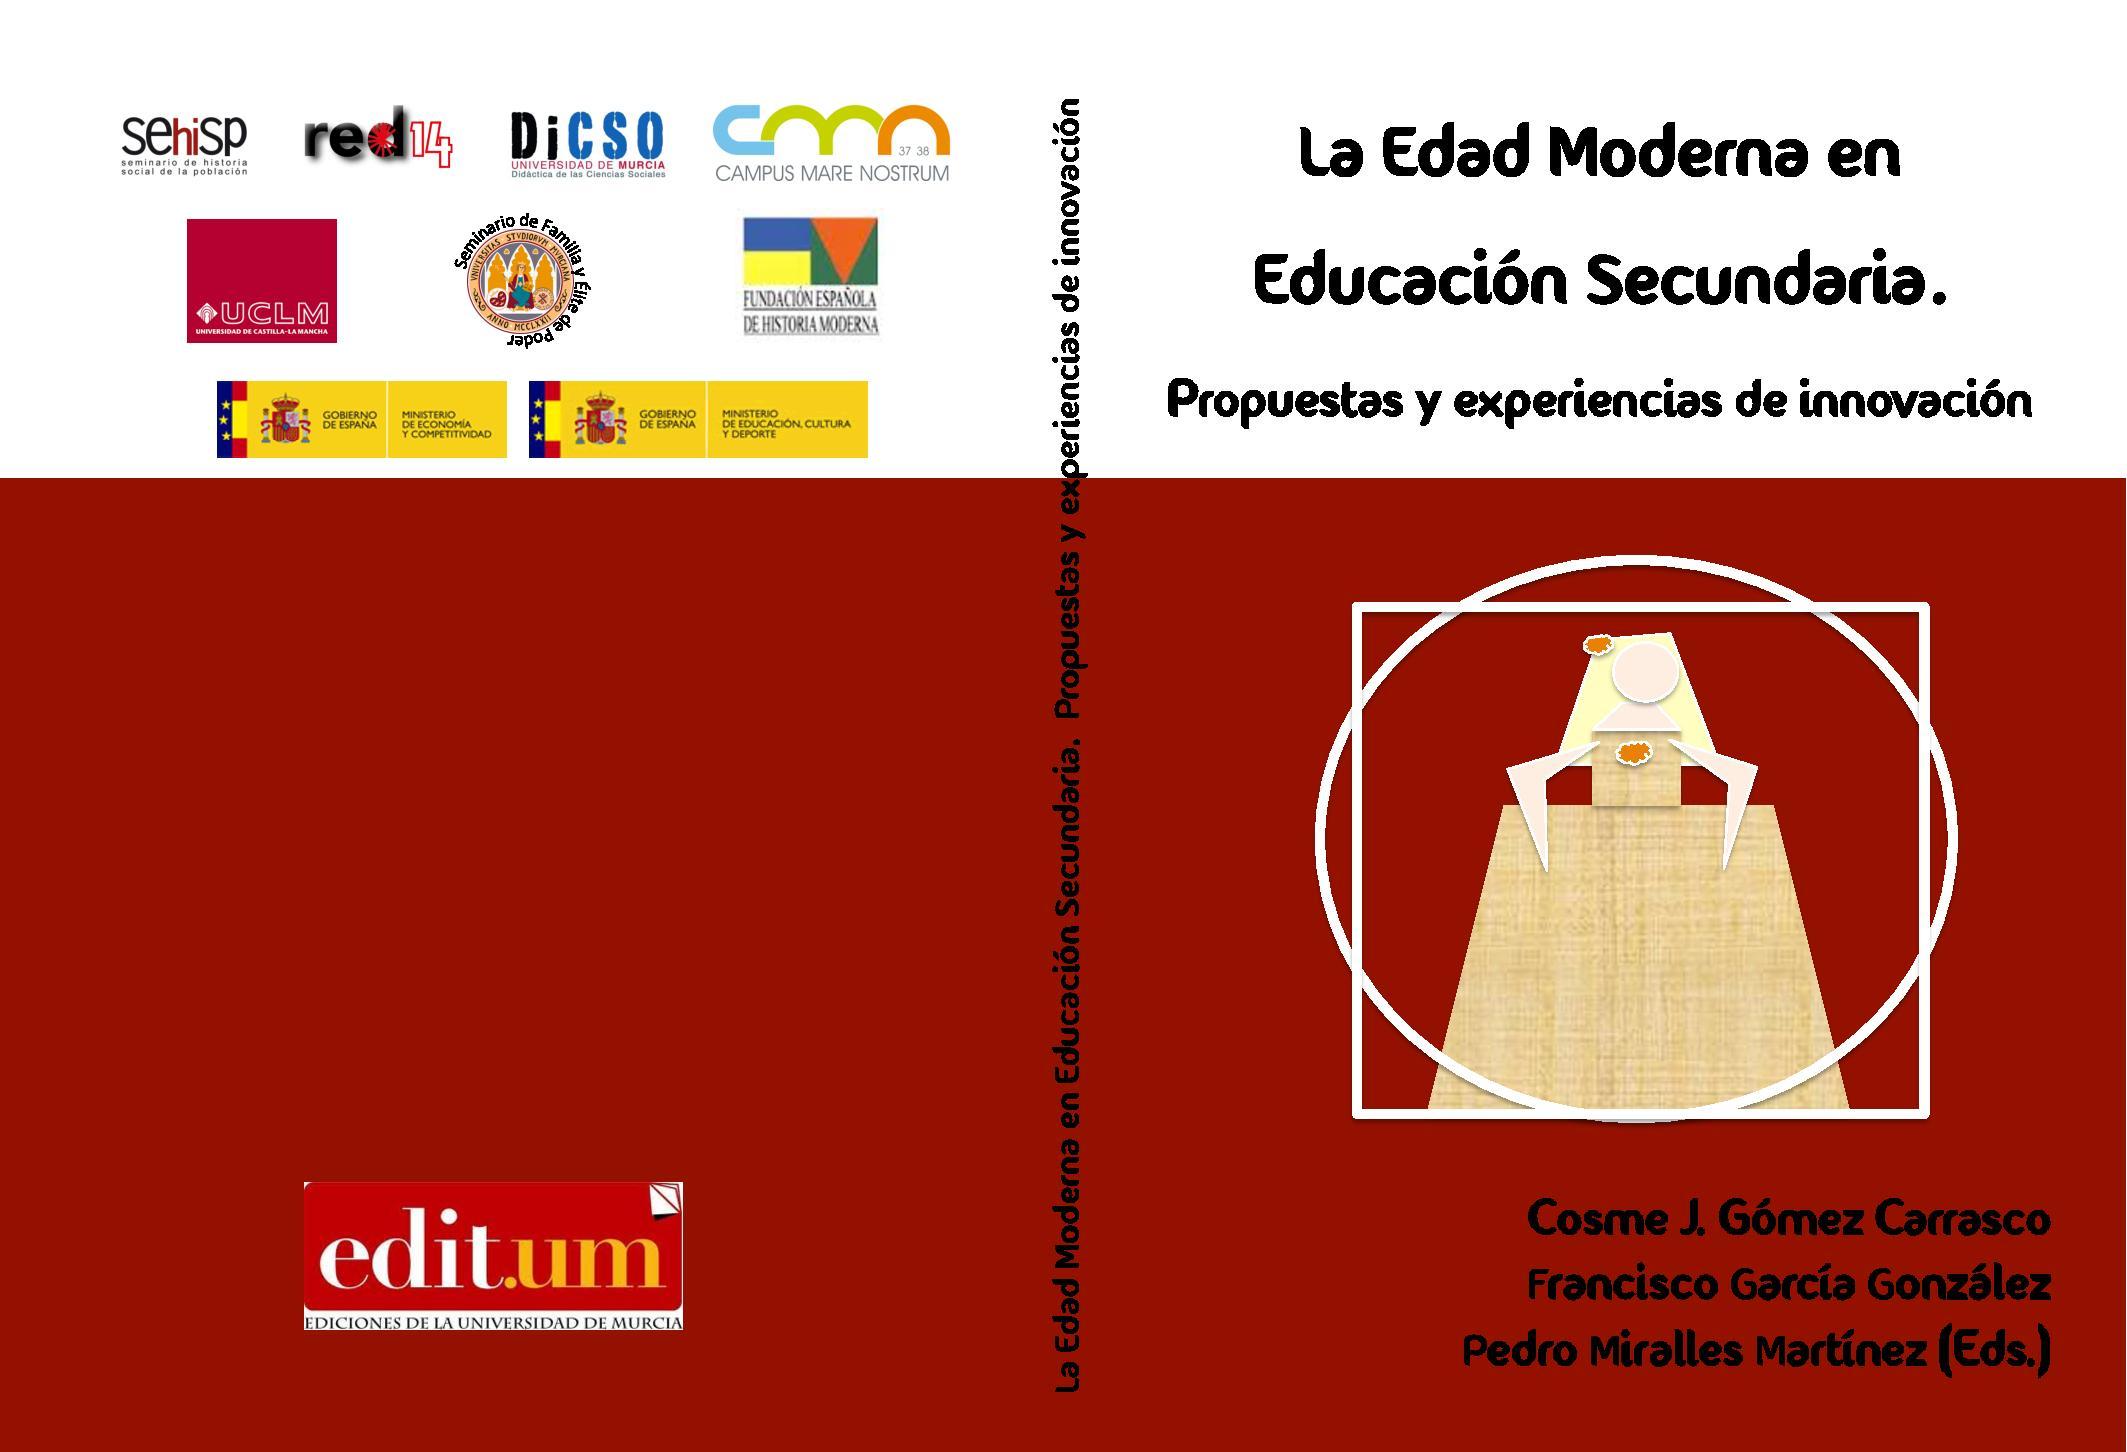 La Edad Moderna En La Educación Secundaria Propuestas De